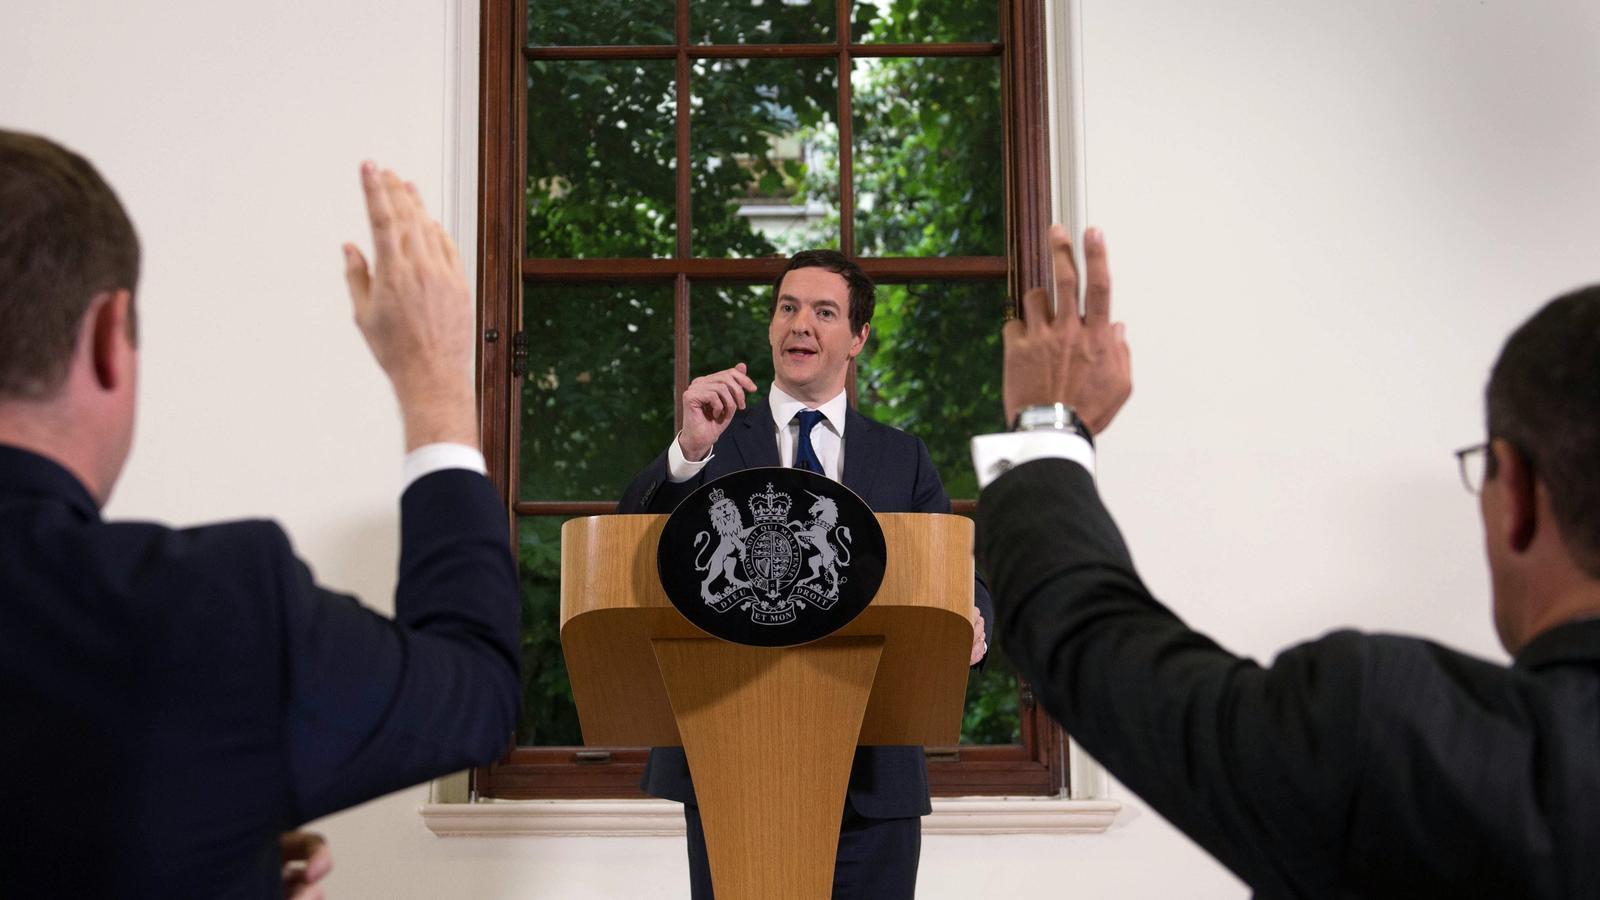 El ministre de Finances britànic intenta calmar els mercats després del Brexit